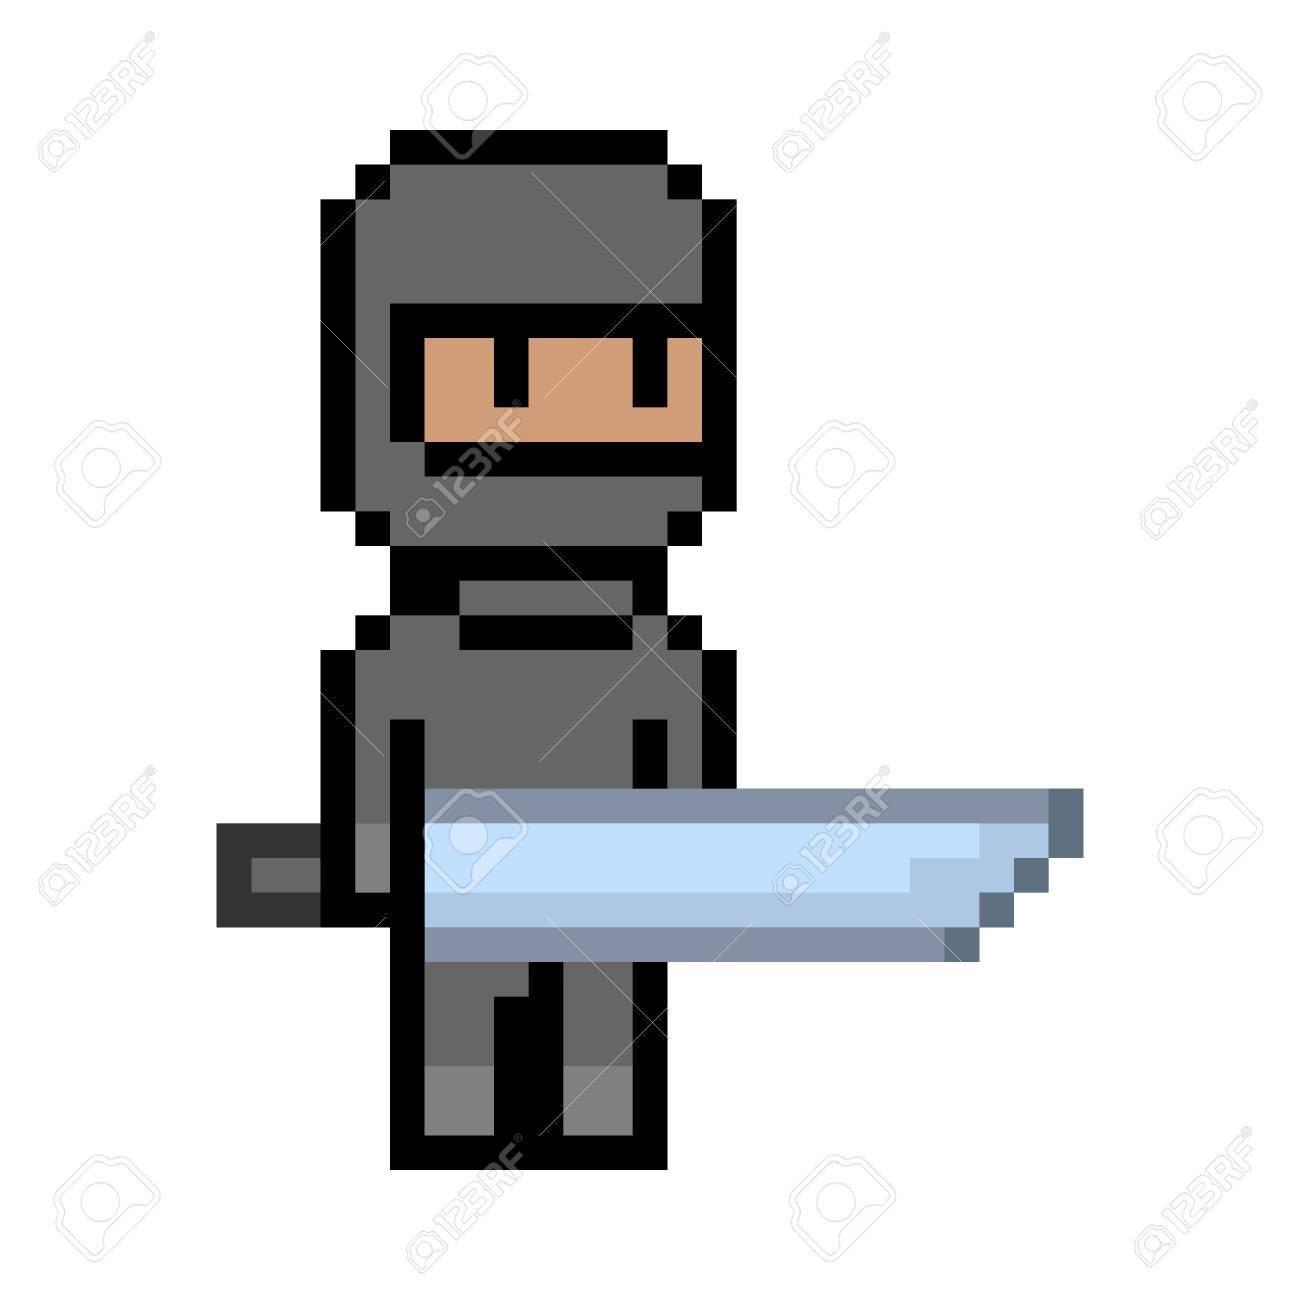 Vector Pixel Art Ninja Noir Unite De Pixel Pour 8 Bits Des Jeux Video Clip Art Libres De Droits Vecteurs Et Illustration Image 64237786